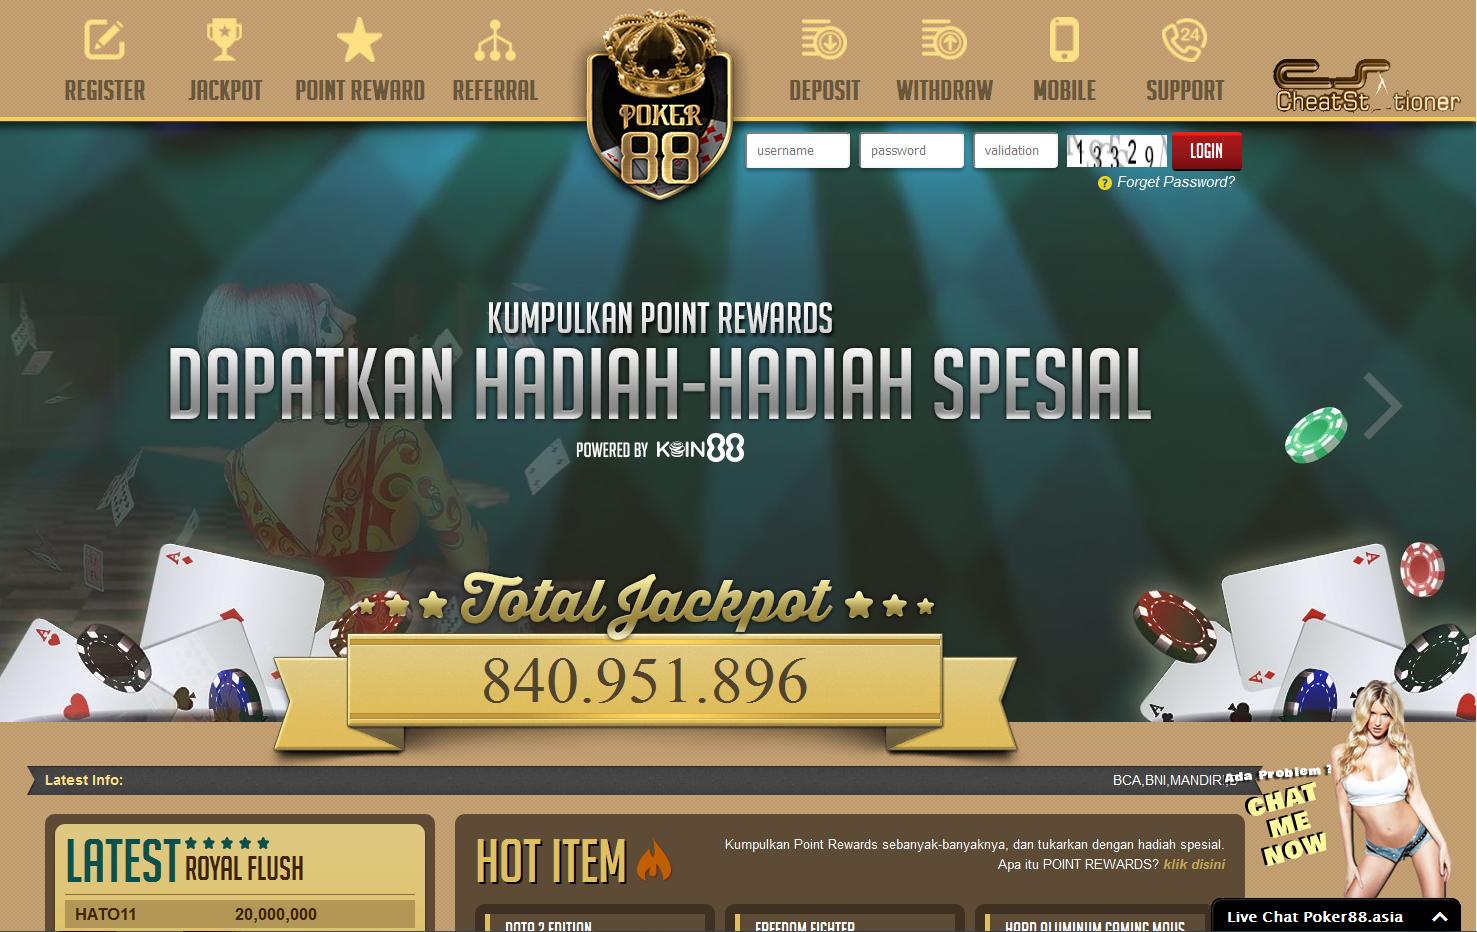 Mendaftar Dengan Mudah Permainan Online Di Situs Poker88 Electronic Cigarettes Blogs